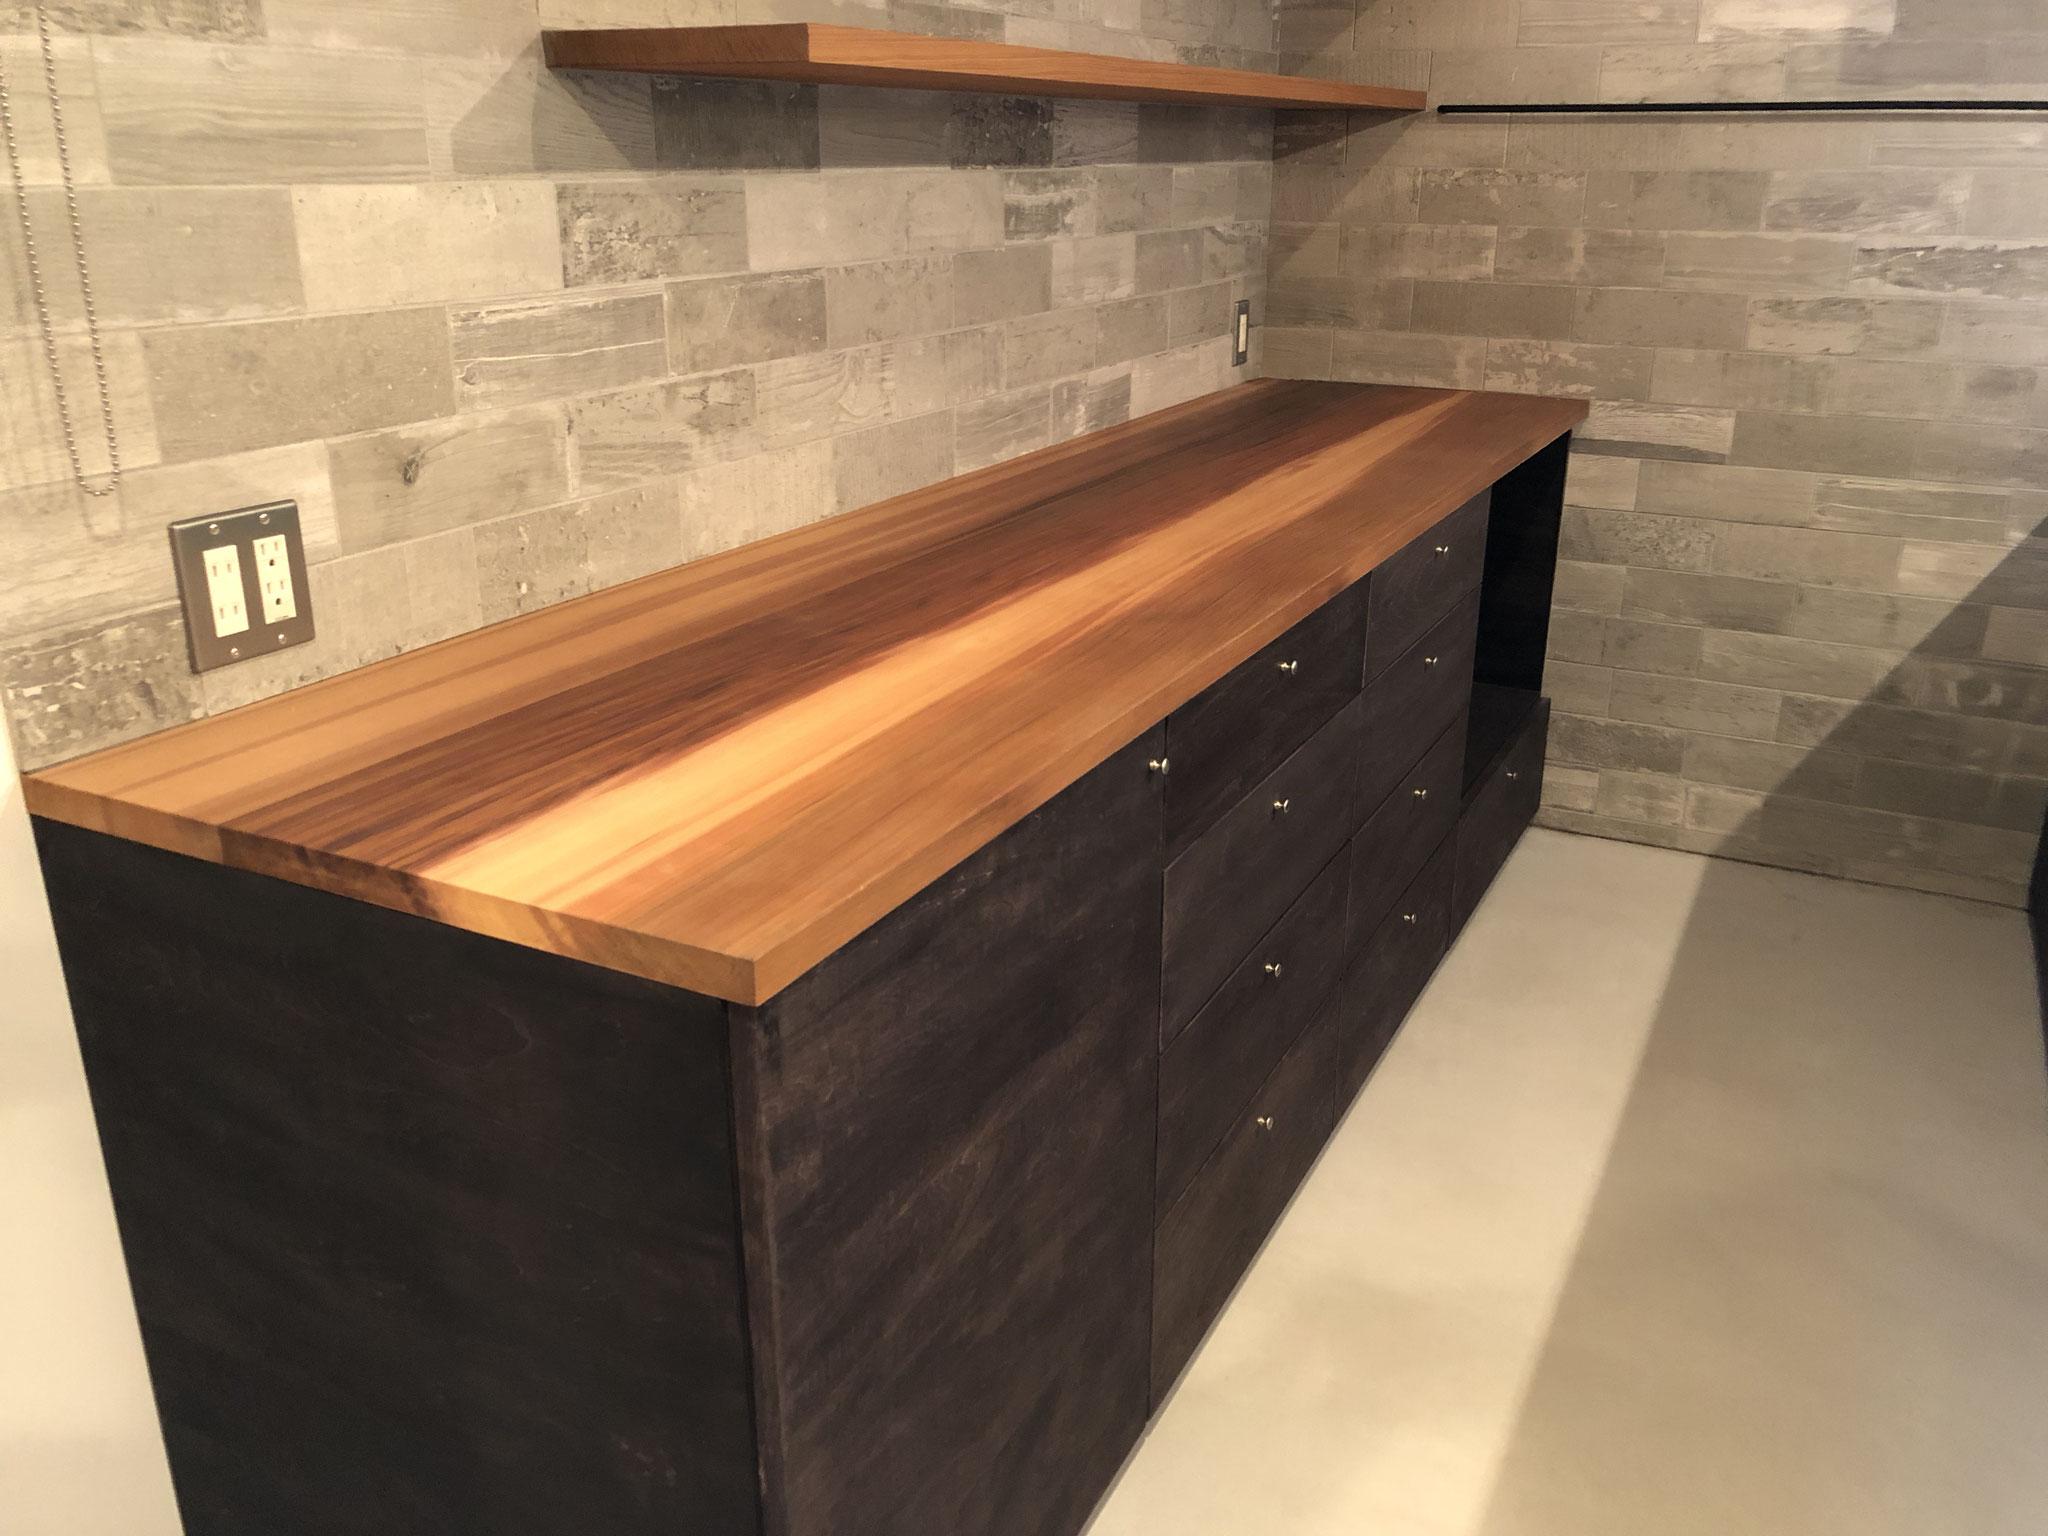 ナチュラル 無垢材のキッチン収納 カップボード